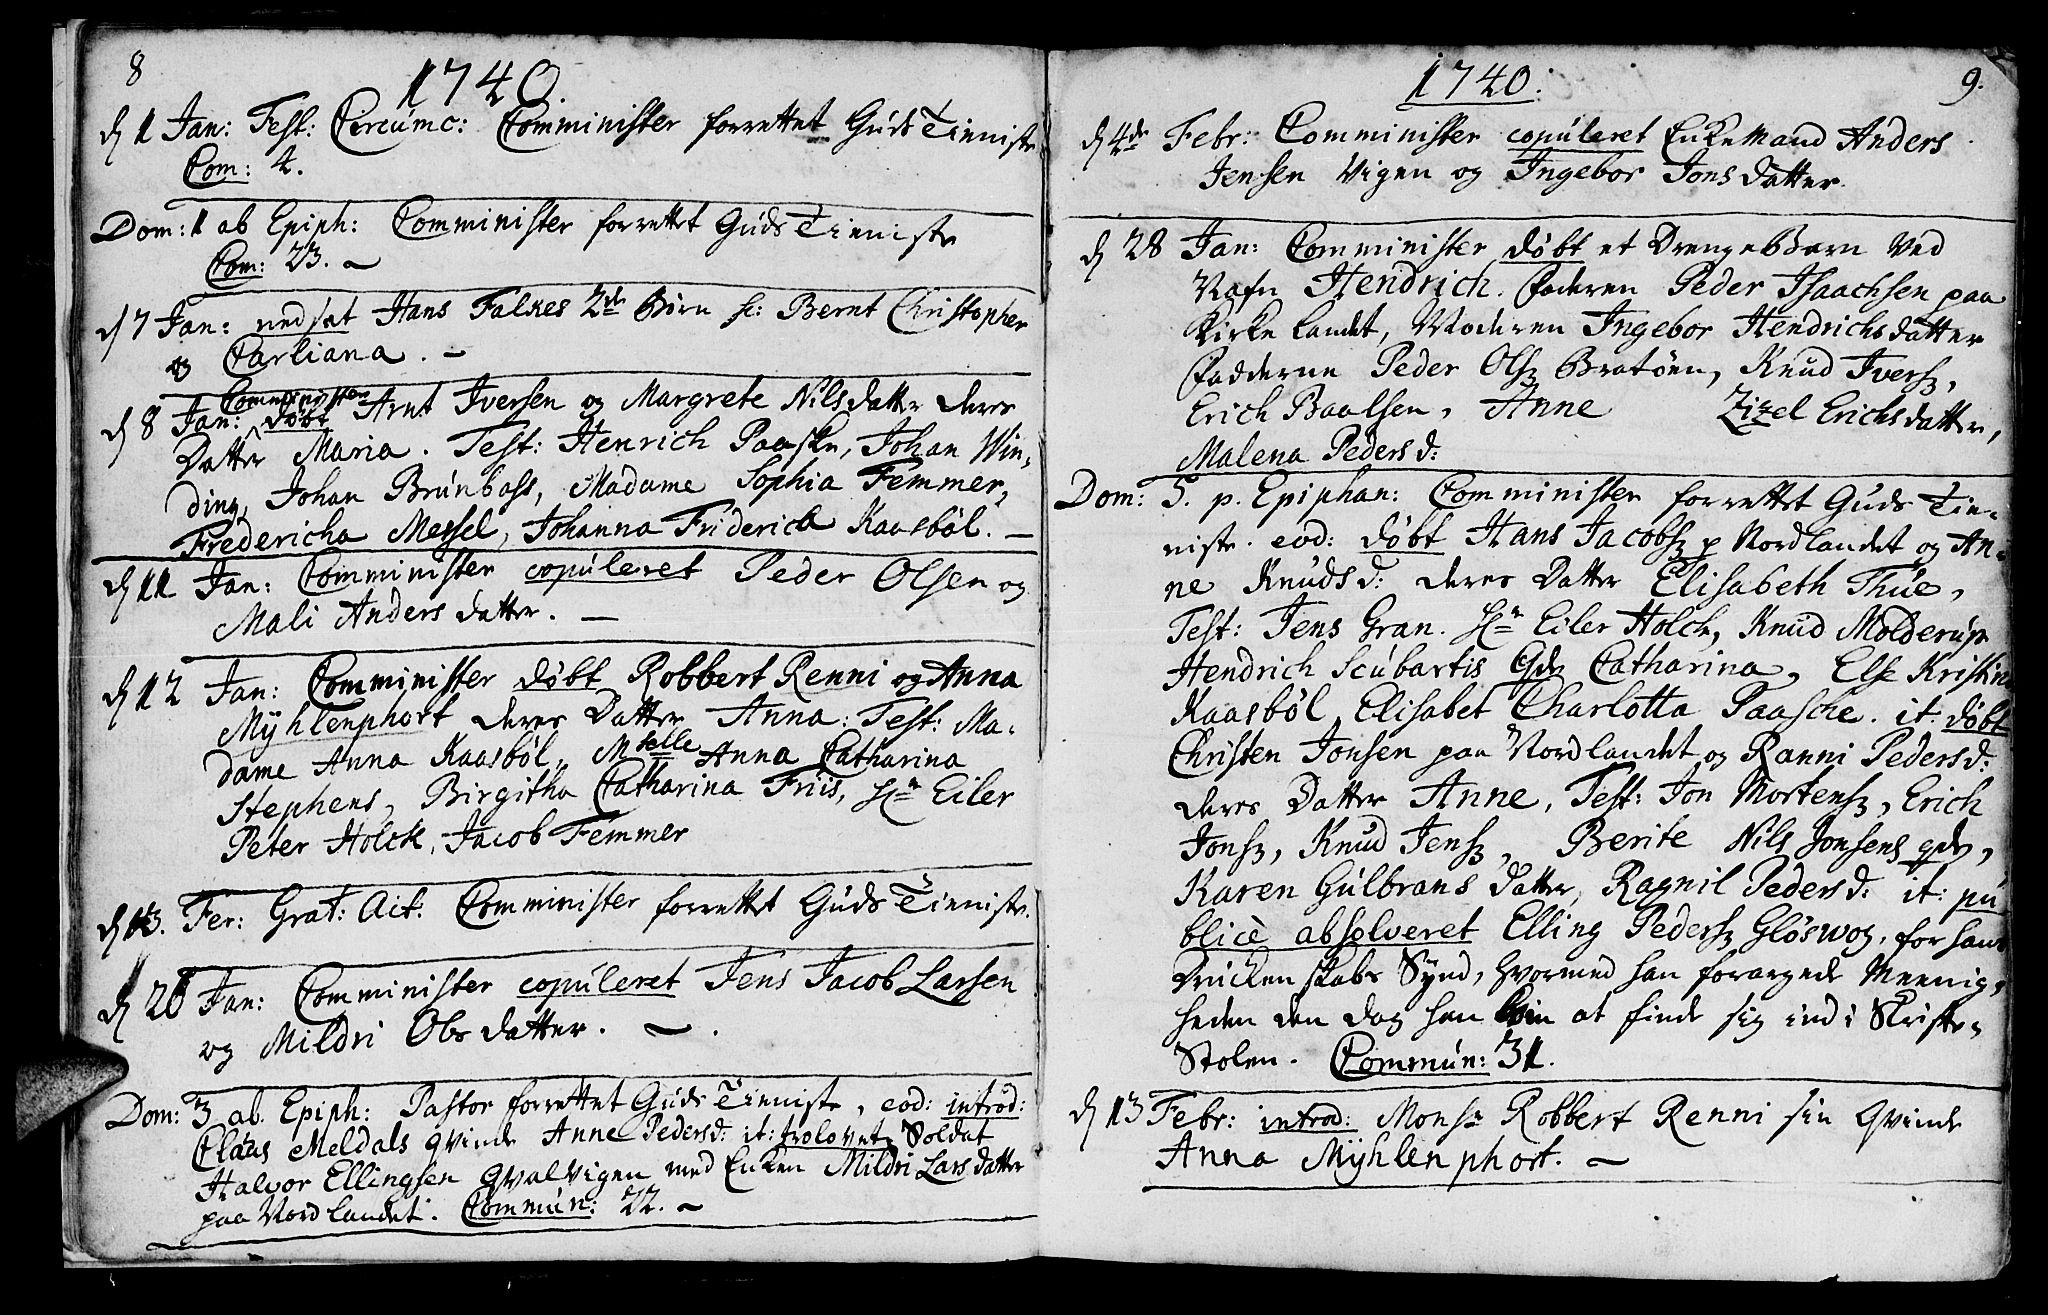 SAT, Ministerialprotokoller, klokkerbøker og fødselsregistre - Møre og Romsdal, 572/L0839: Parish register (official) no. 572A02, 1739-1754, p. 8-9